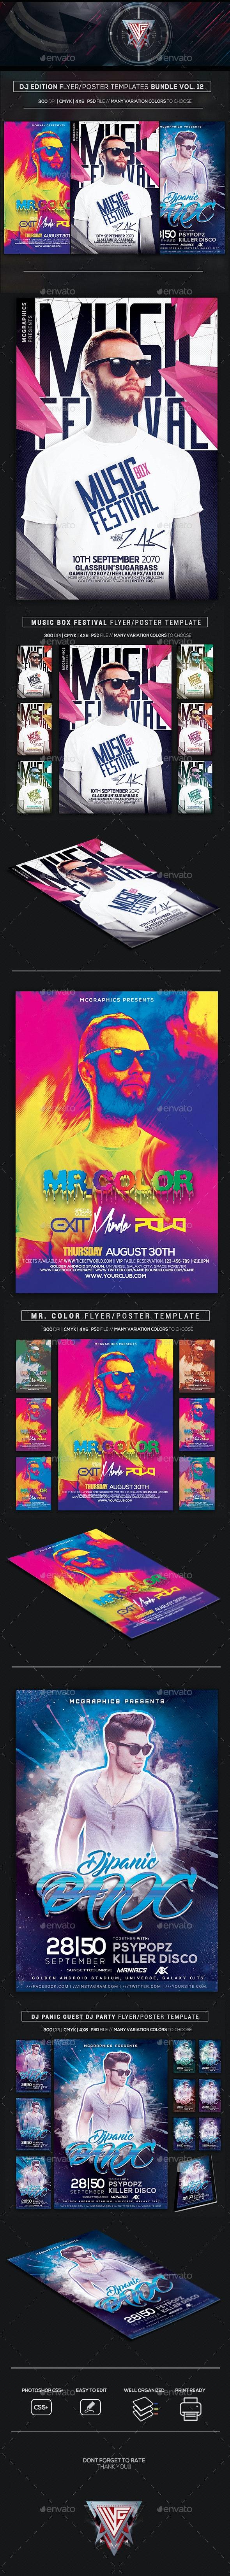 Guest DJ Party Flyer/Poster Bundle Vol. 12 - Clubs & Parties Events